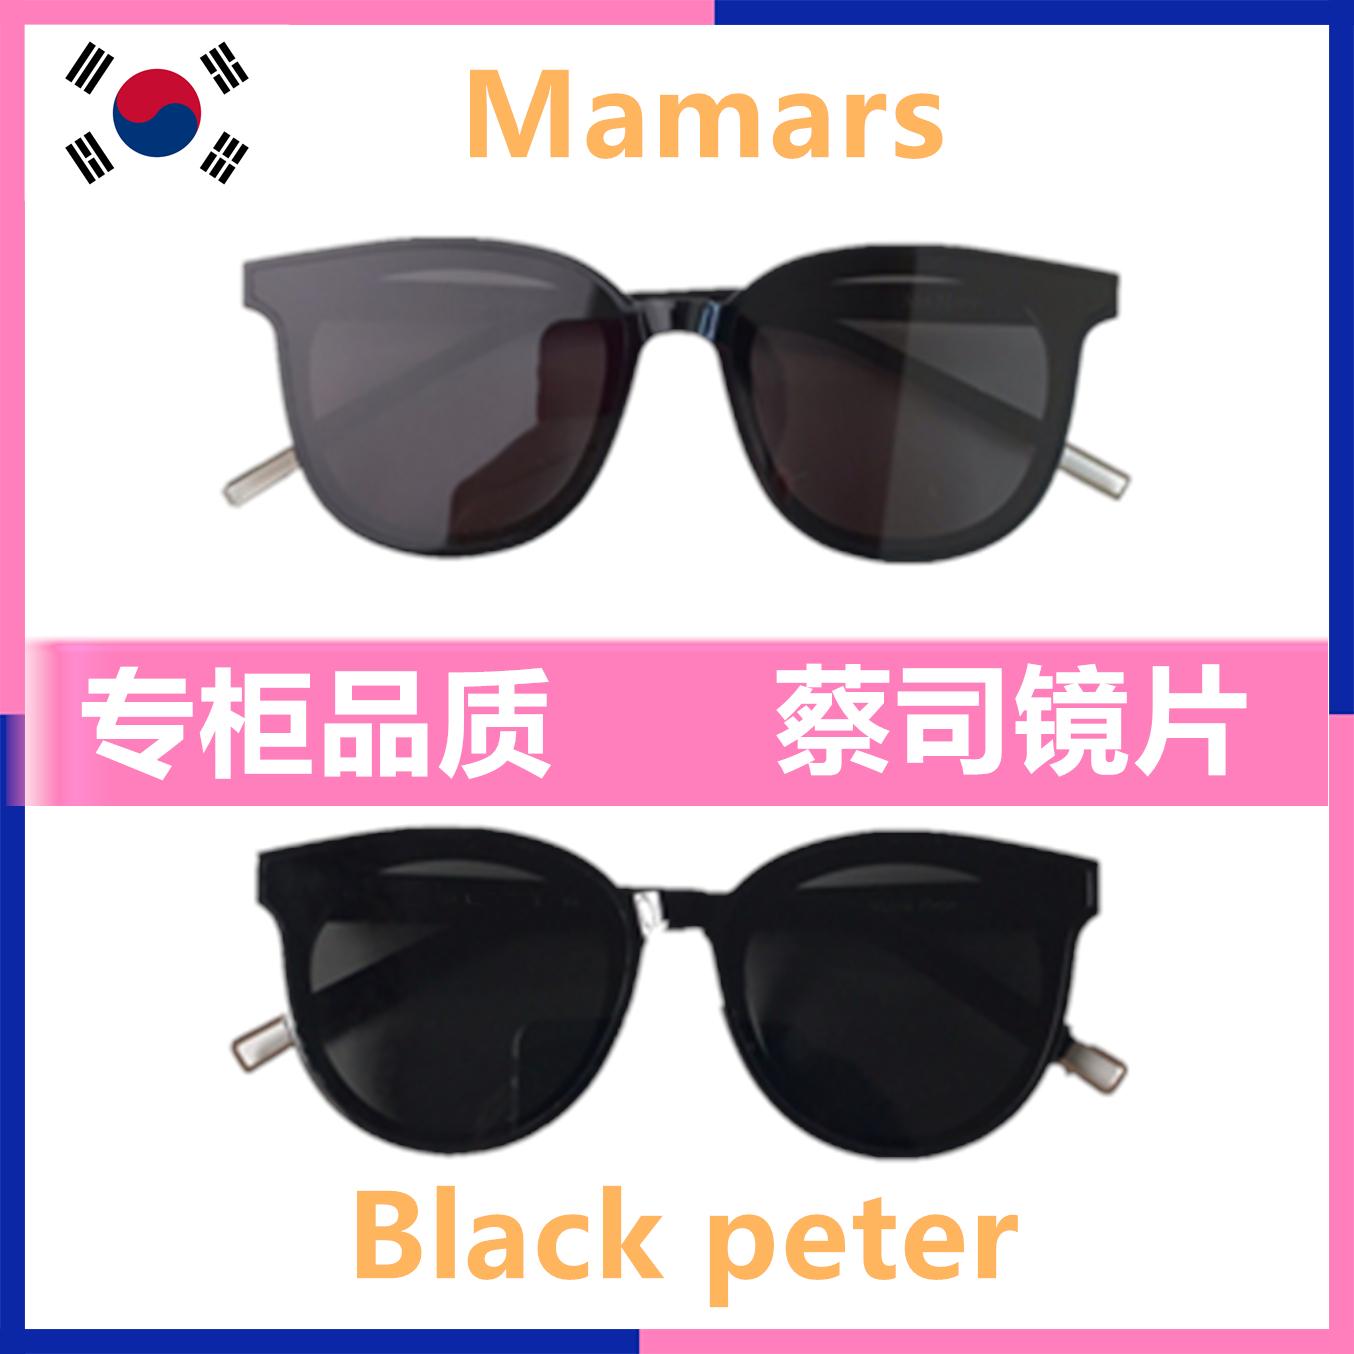 gm墨镜19新款ma mars方框女v牌太阳眼镜男潮网红同款black peter